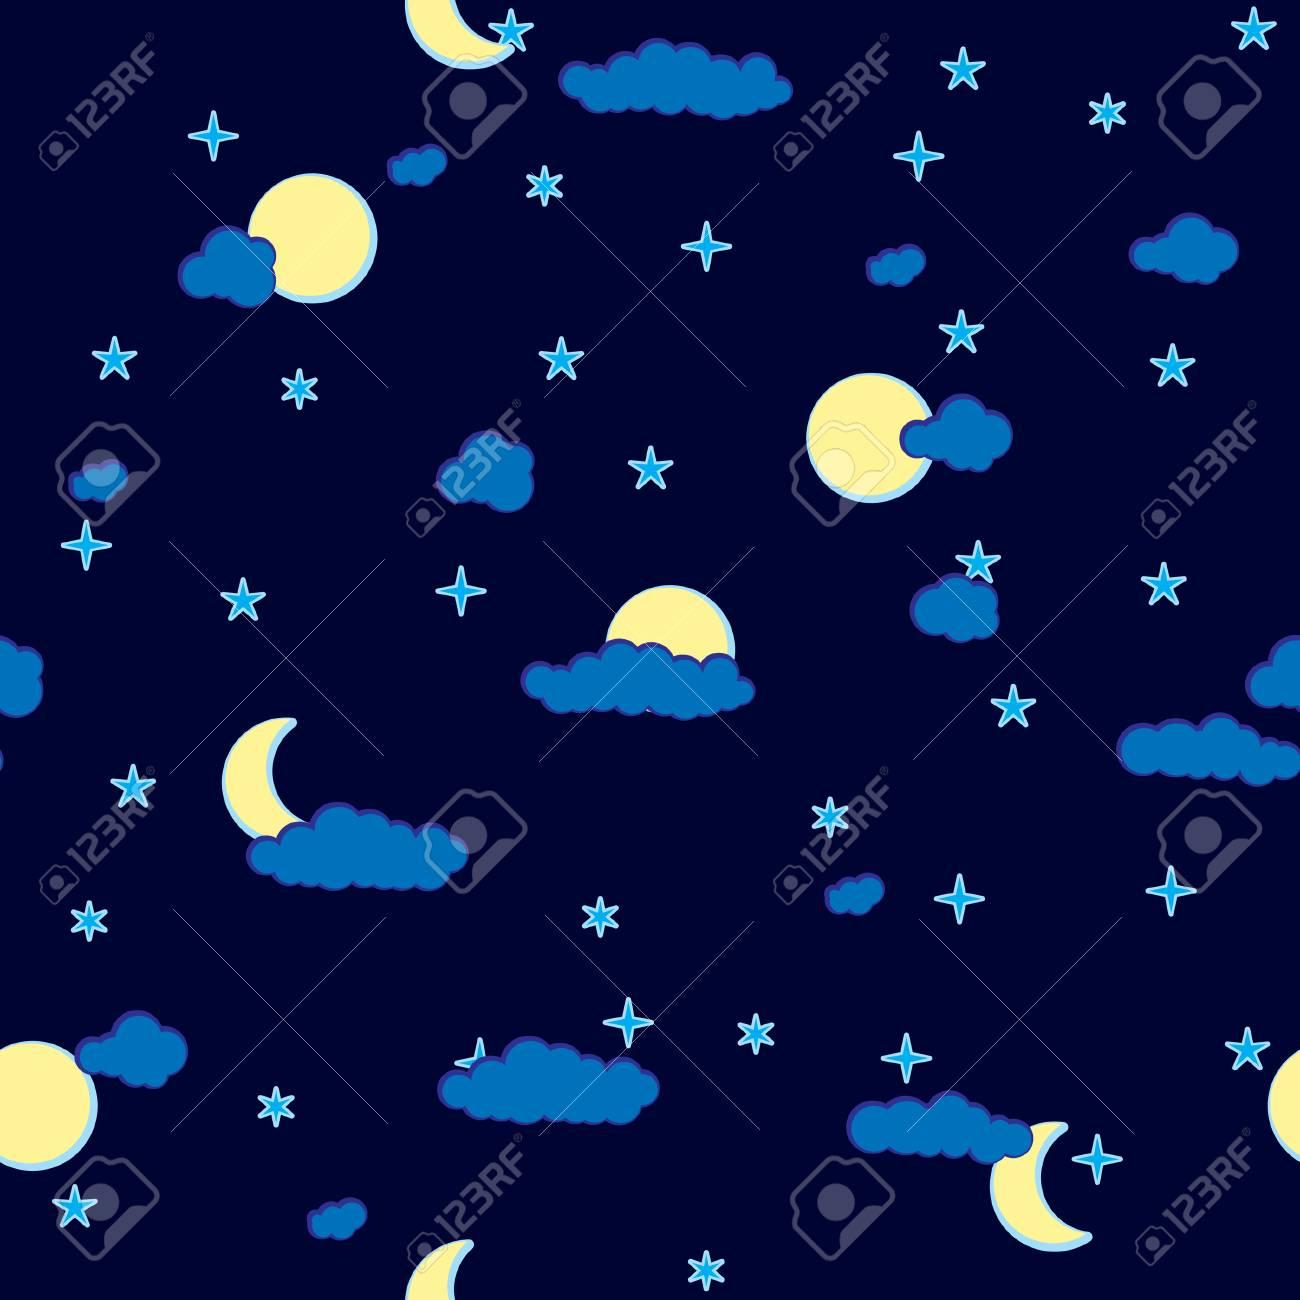 Résumé De Base Des Nuages La Nuit Seamless Palette De Couleur Bleu